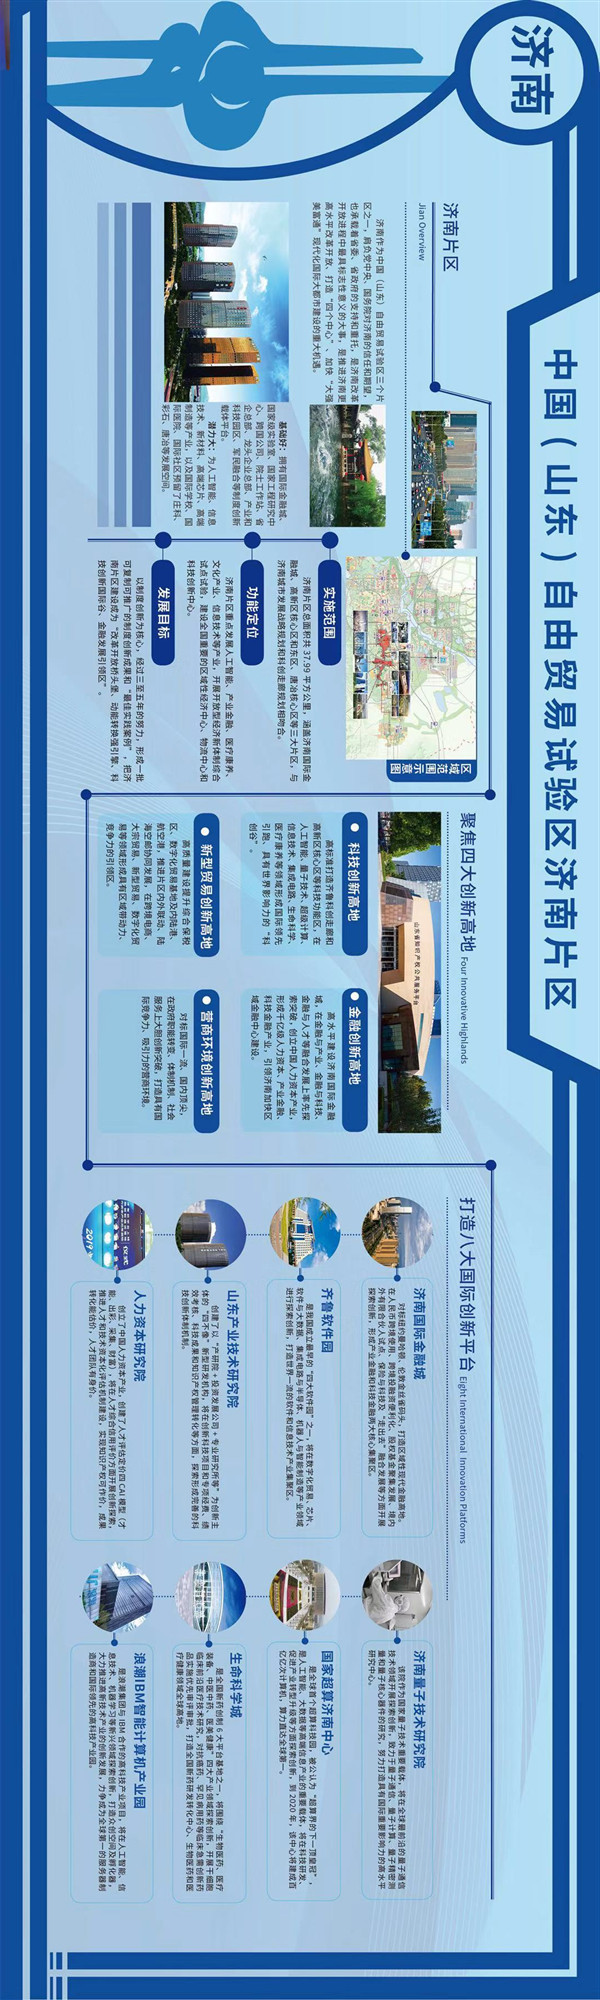 中国(山东)自贸试验区,济青烟三大片区有何差异化特色?